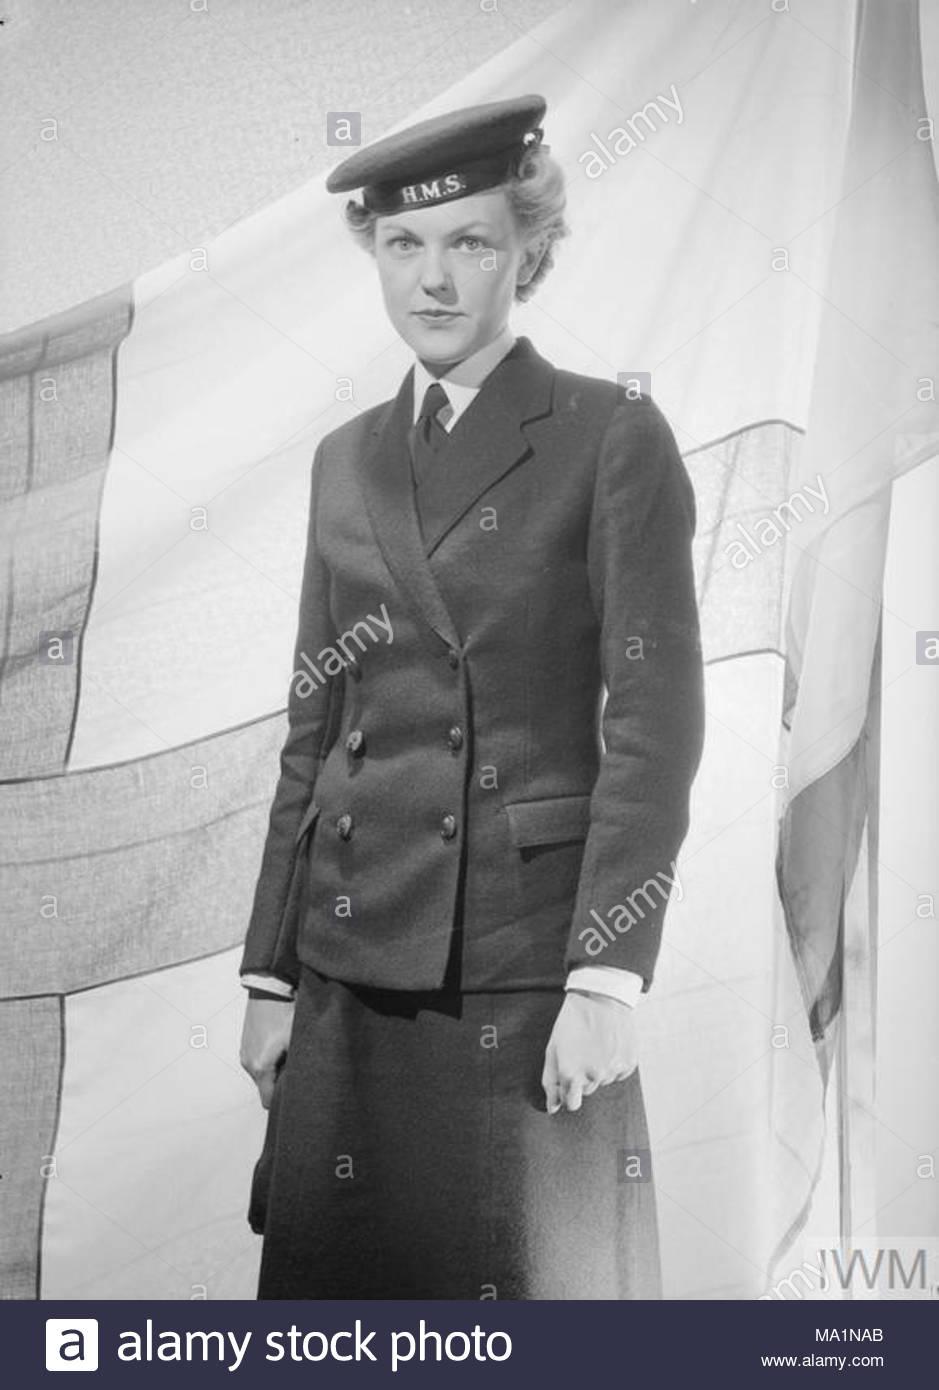 e1d14295594 Womens Royal Navy Service Stock Photos   Womens Royal Navy Service ...